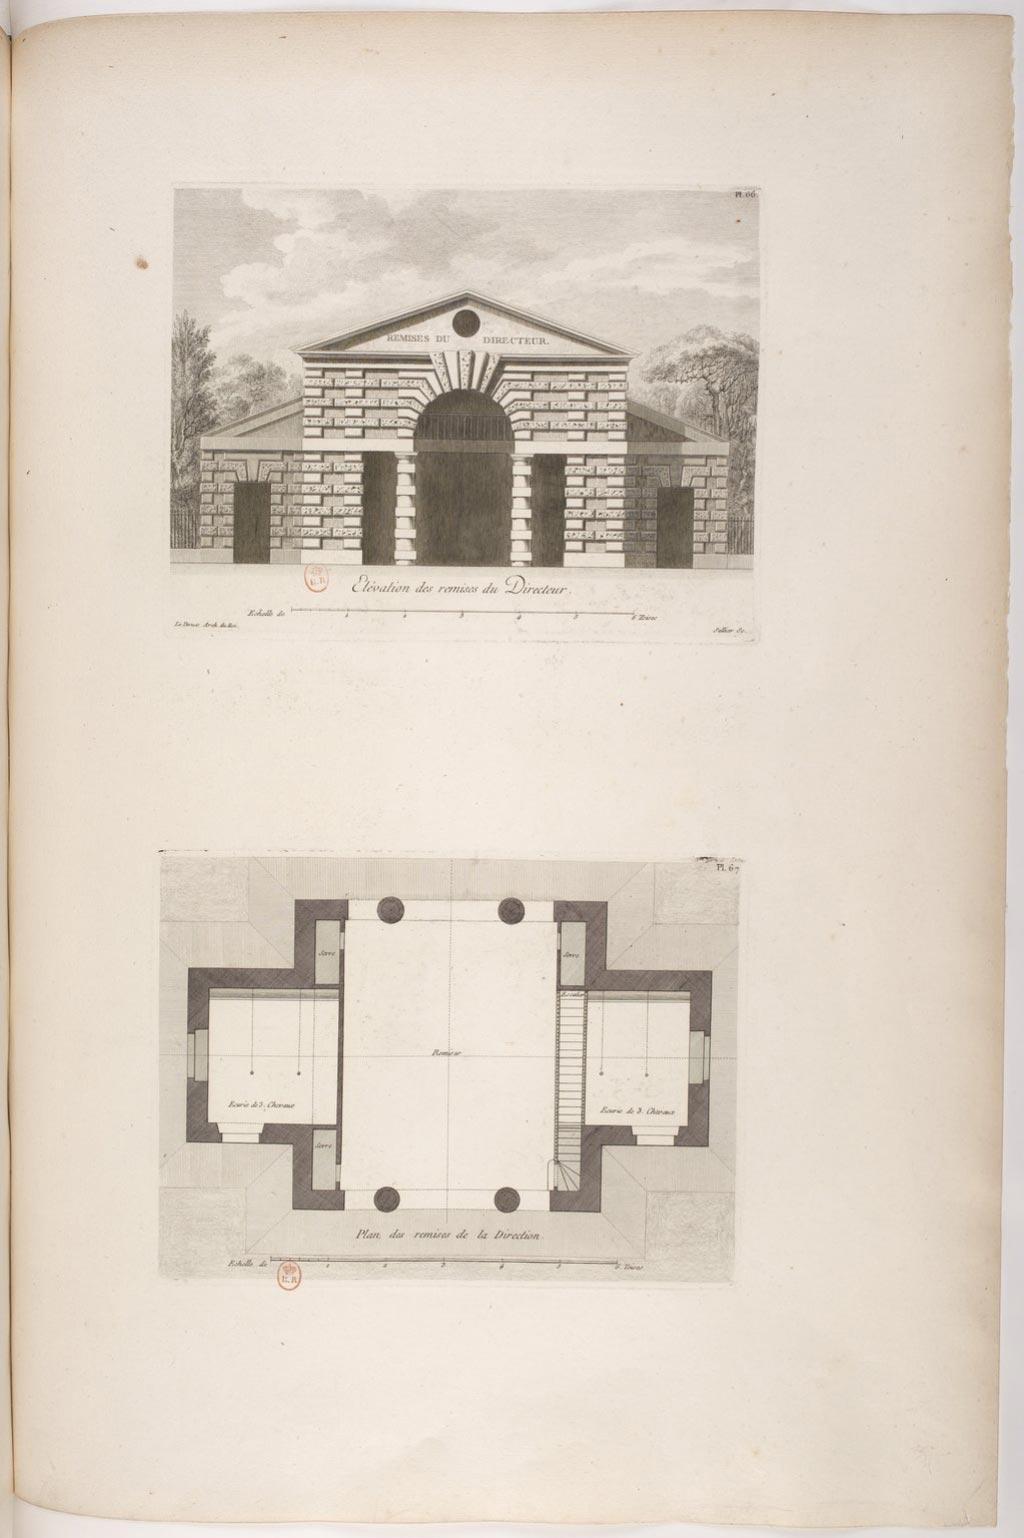 ledoux-claude-architecture-371